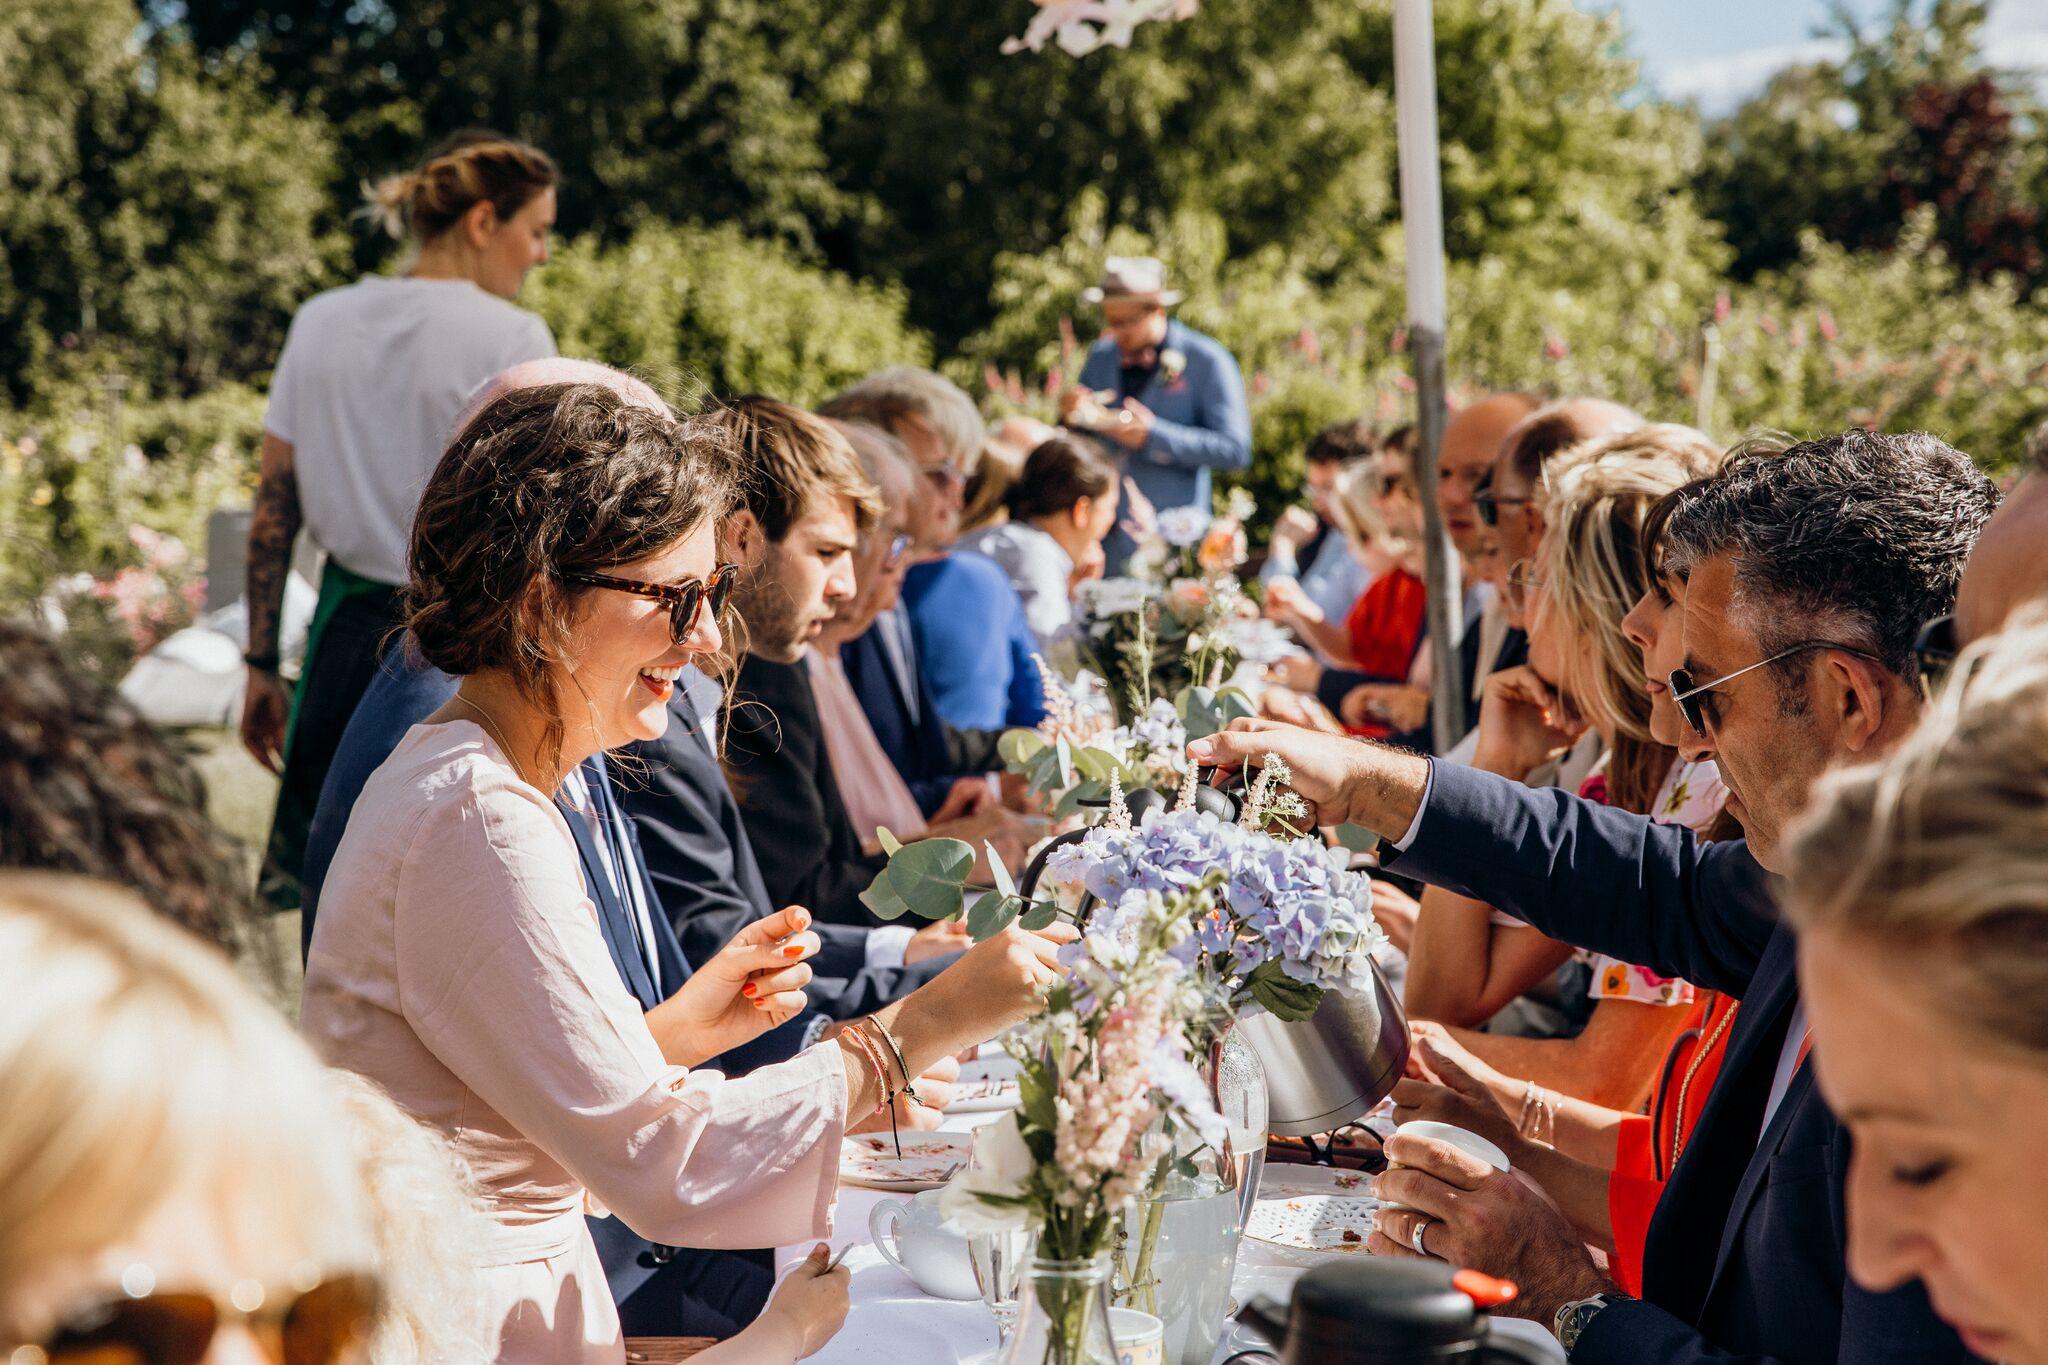 Kuchentafel_Hochzeit_Berlin.jpg